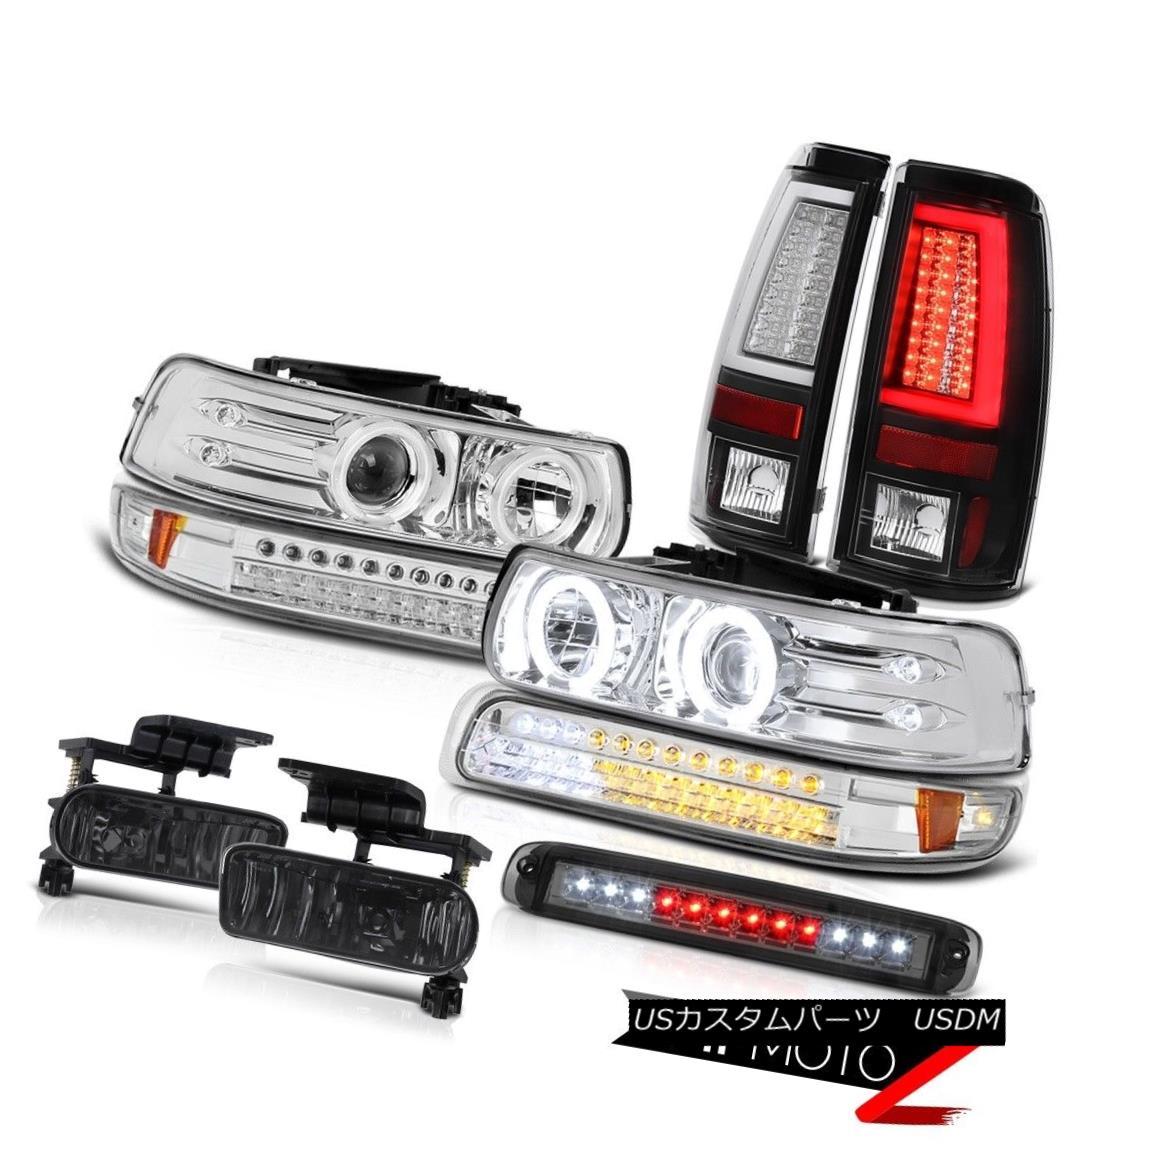 ヘッドライト 99-02 Silverado 3500 Taillights High Stop Lamp Signal Light Headlamps Fog Lamps 99-02 Silverado 3500テールライトハイストップランプシグナルライトヘッドランプフォグランプ